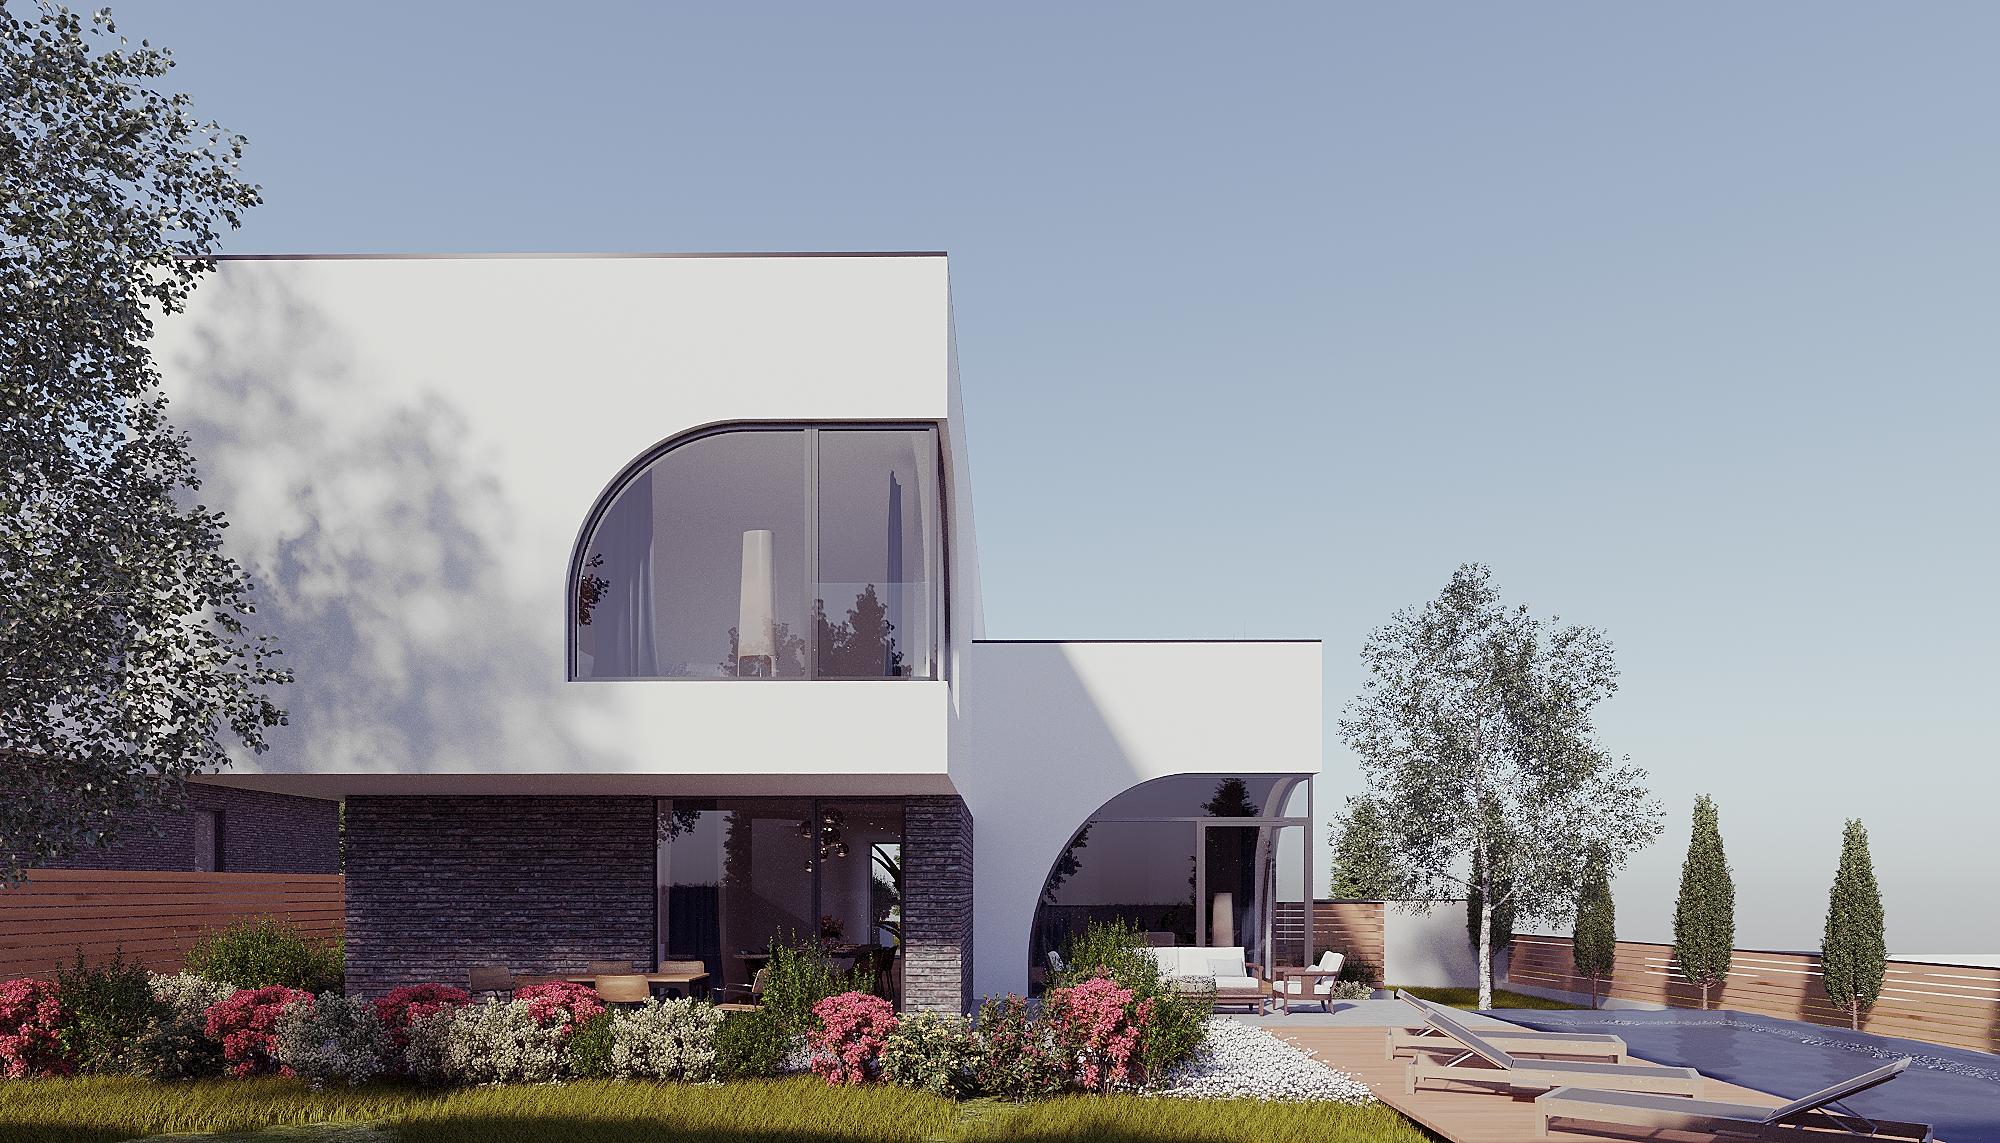 https://nbc-arhitect.ro/wp-content/uploads/2020/10/NBC-Arhitect-_-Laguna-_-Housing-_-exterior-view_2.jpg